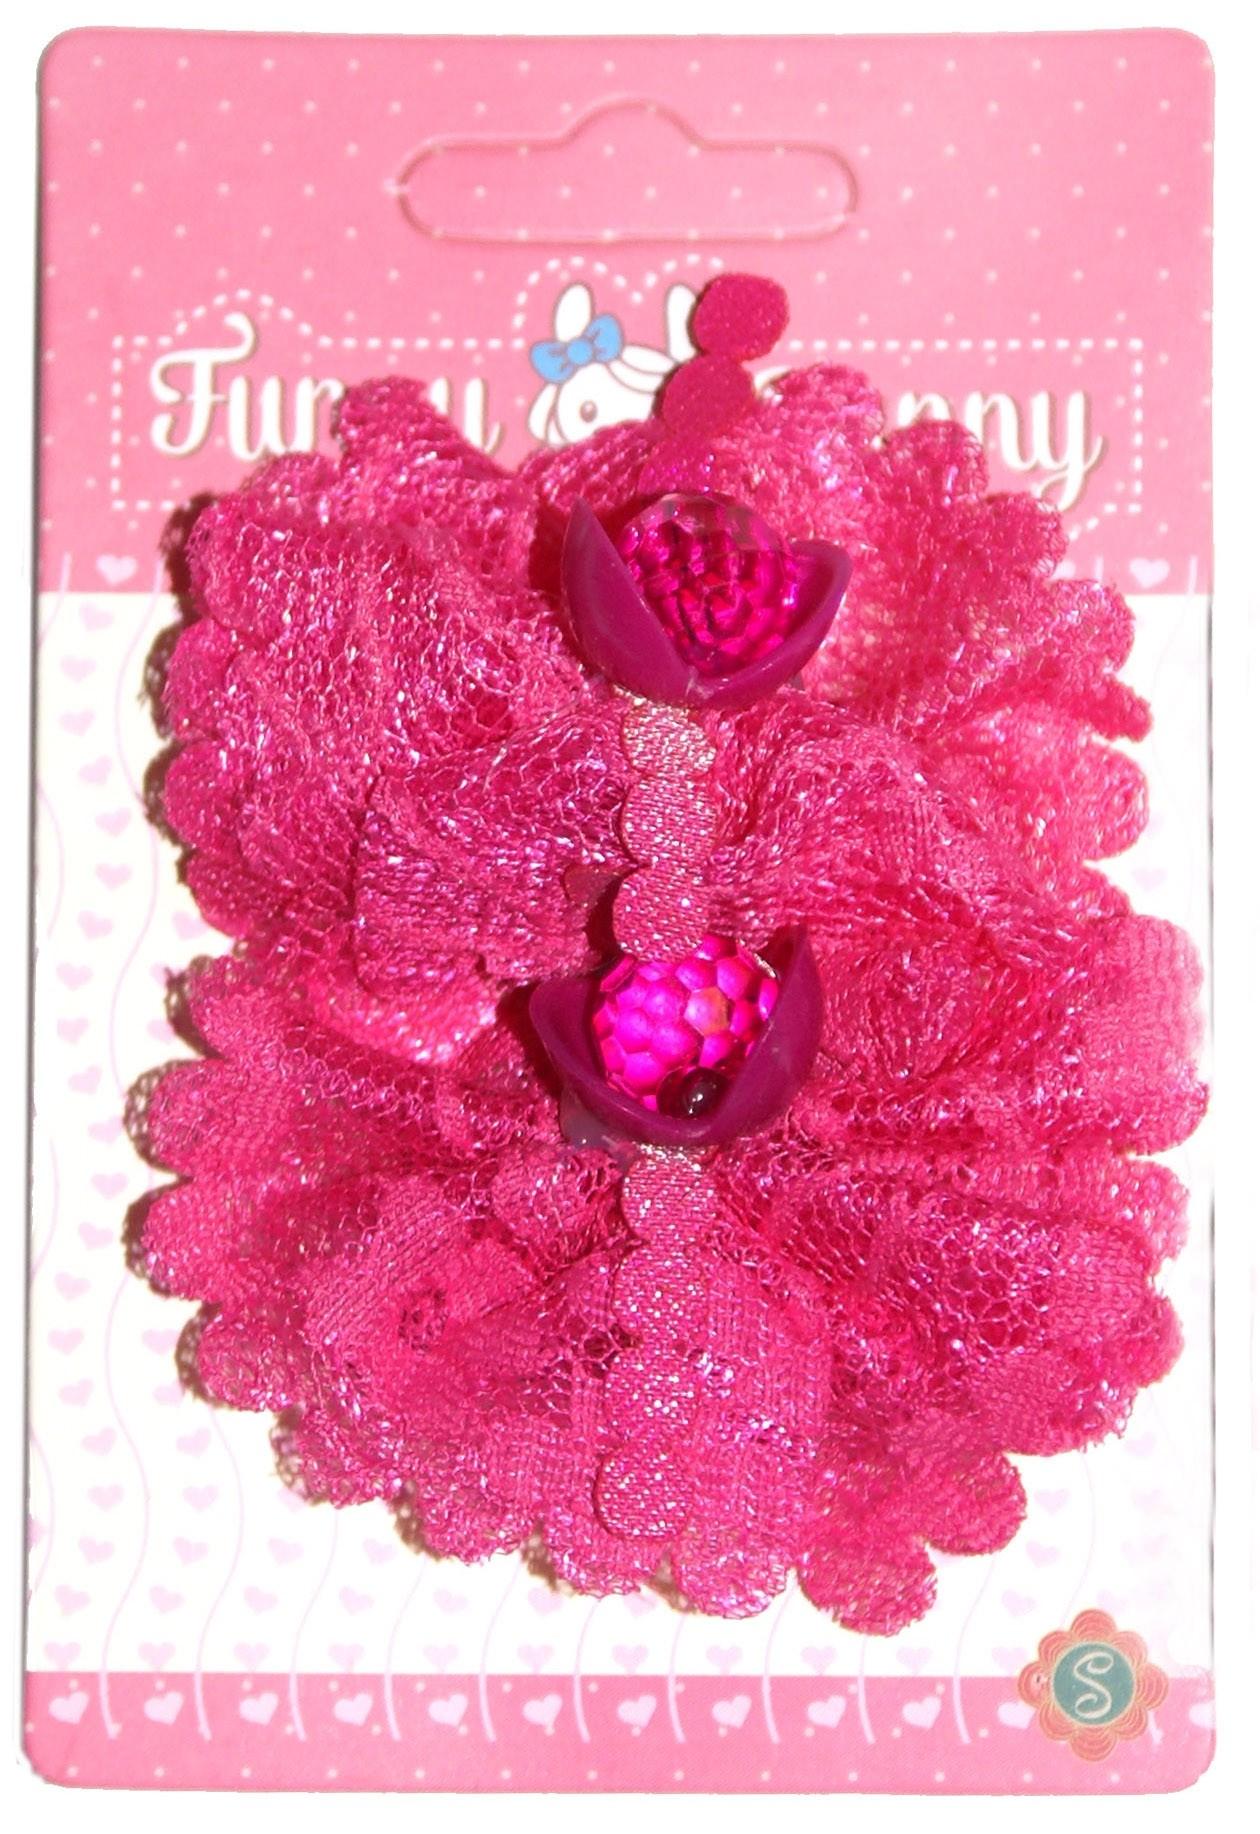 Украшения Funny Bunny Резинка для волоc Funny Bunny текстиль 2 шт. в ассортименте невидимка для волос funny bunny розовые цветы 2 шт